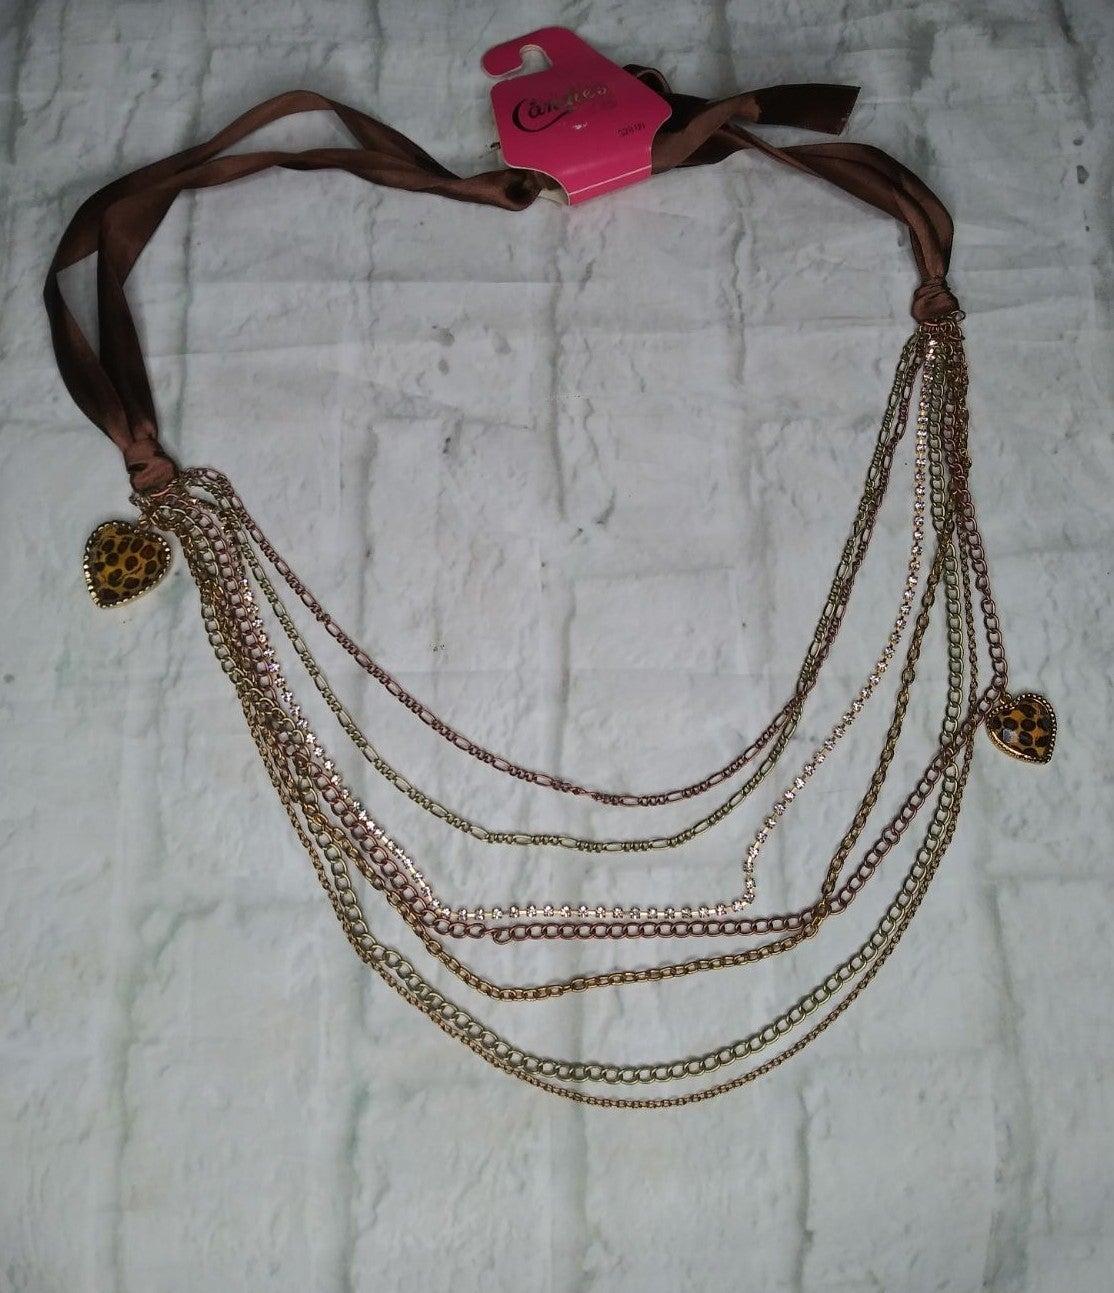 Candies chain leopard waist belt